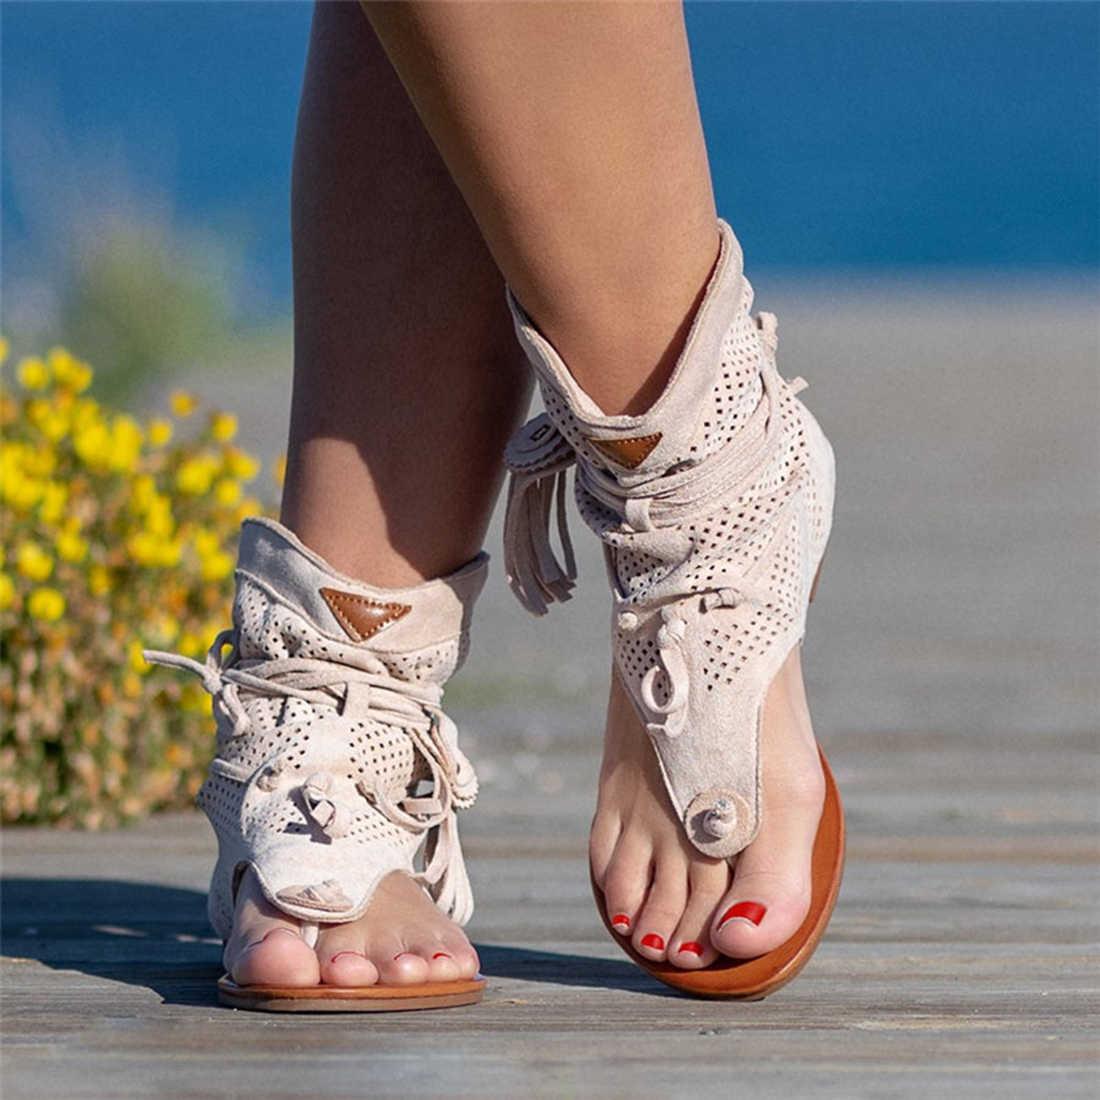 2020 Mới Võ Sĩ Giác Đấu Giày Sandal Nữ Mùa Hè Viền Hoa Giày Đế Xuồng Cao Cấp La Mã Dép Đi Biển Kẹp Ngón Chân Xỏ Giày